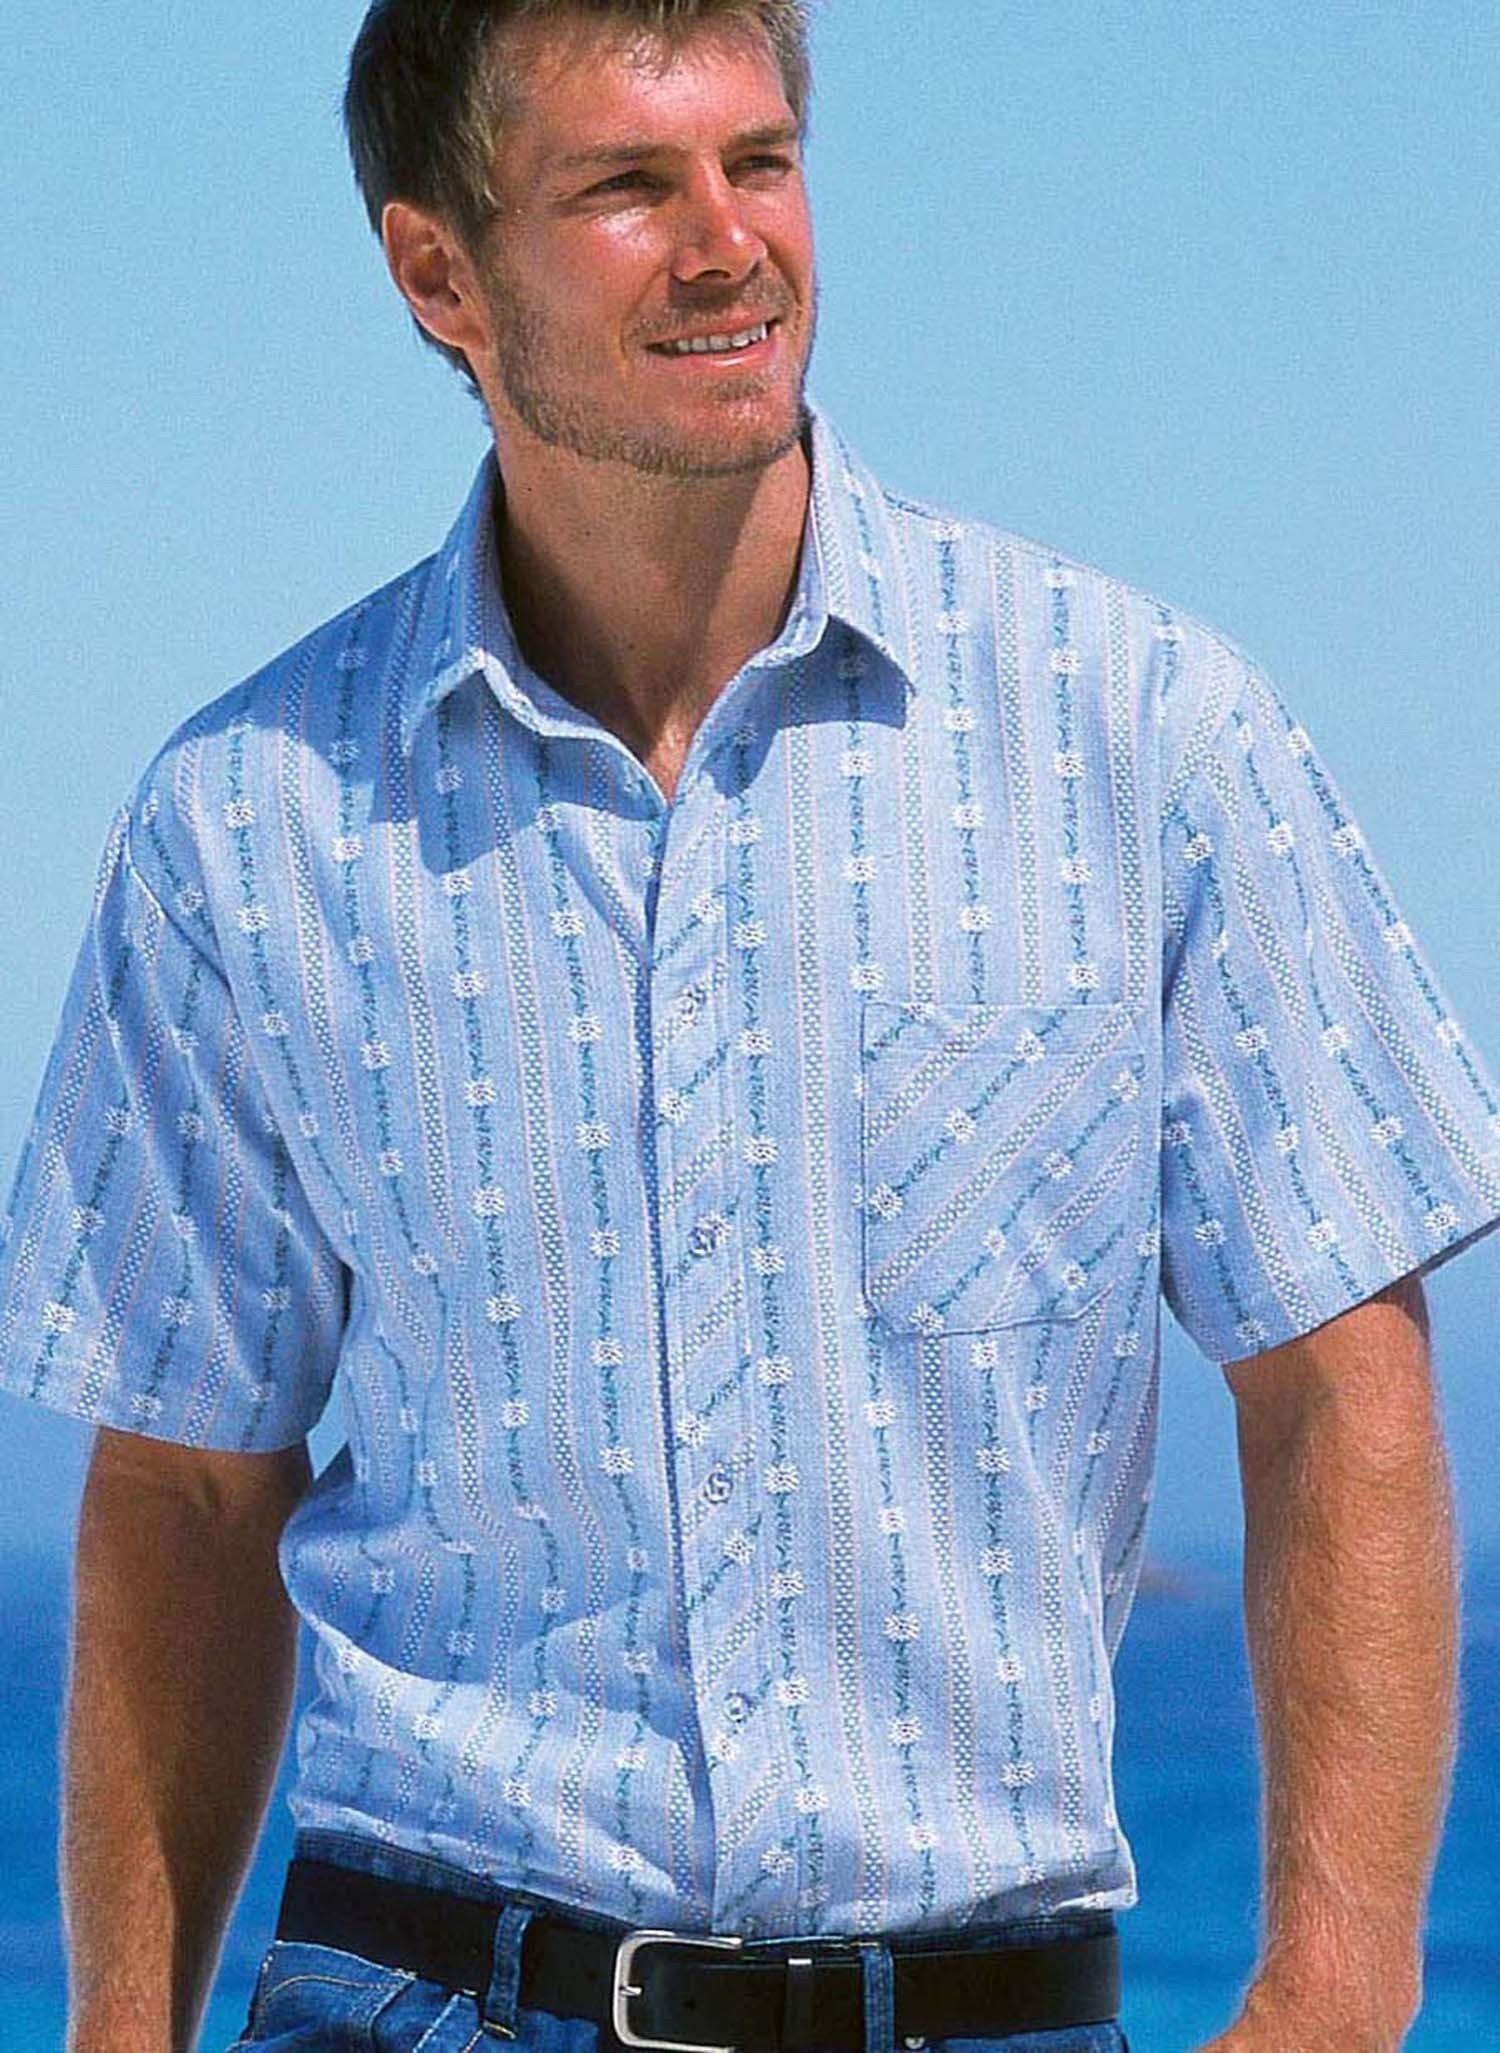 H-KA-Edelweiss Hemd, h.blau 3738 162 - 1 - Ronja.ch